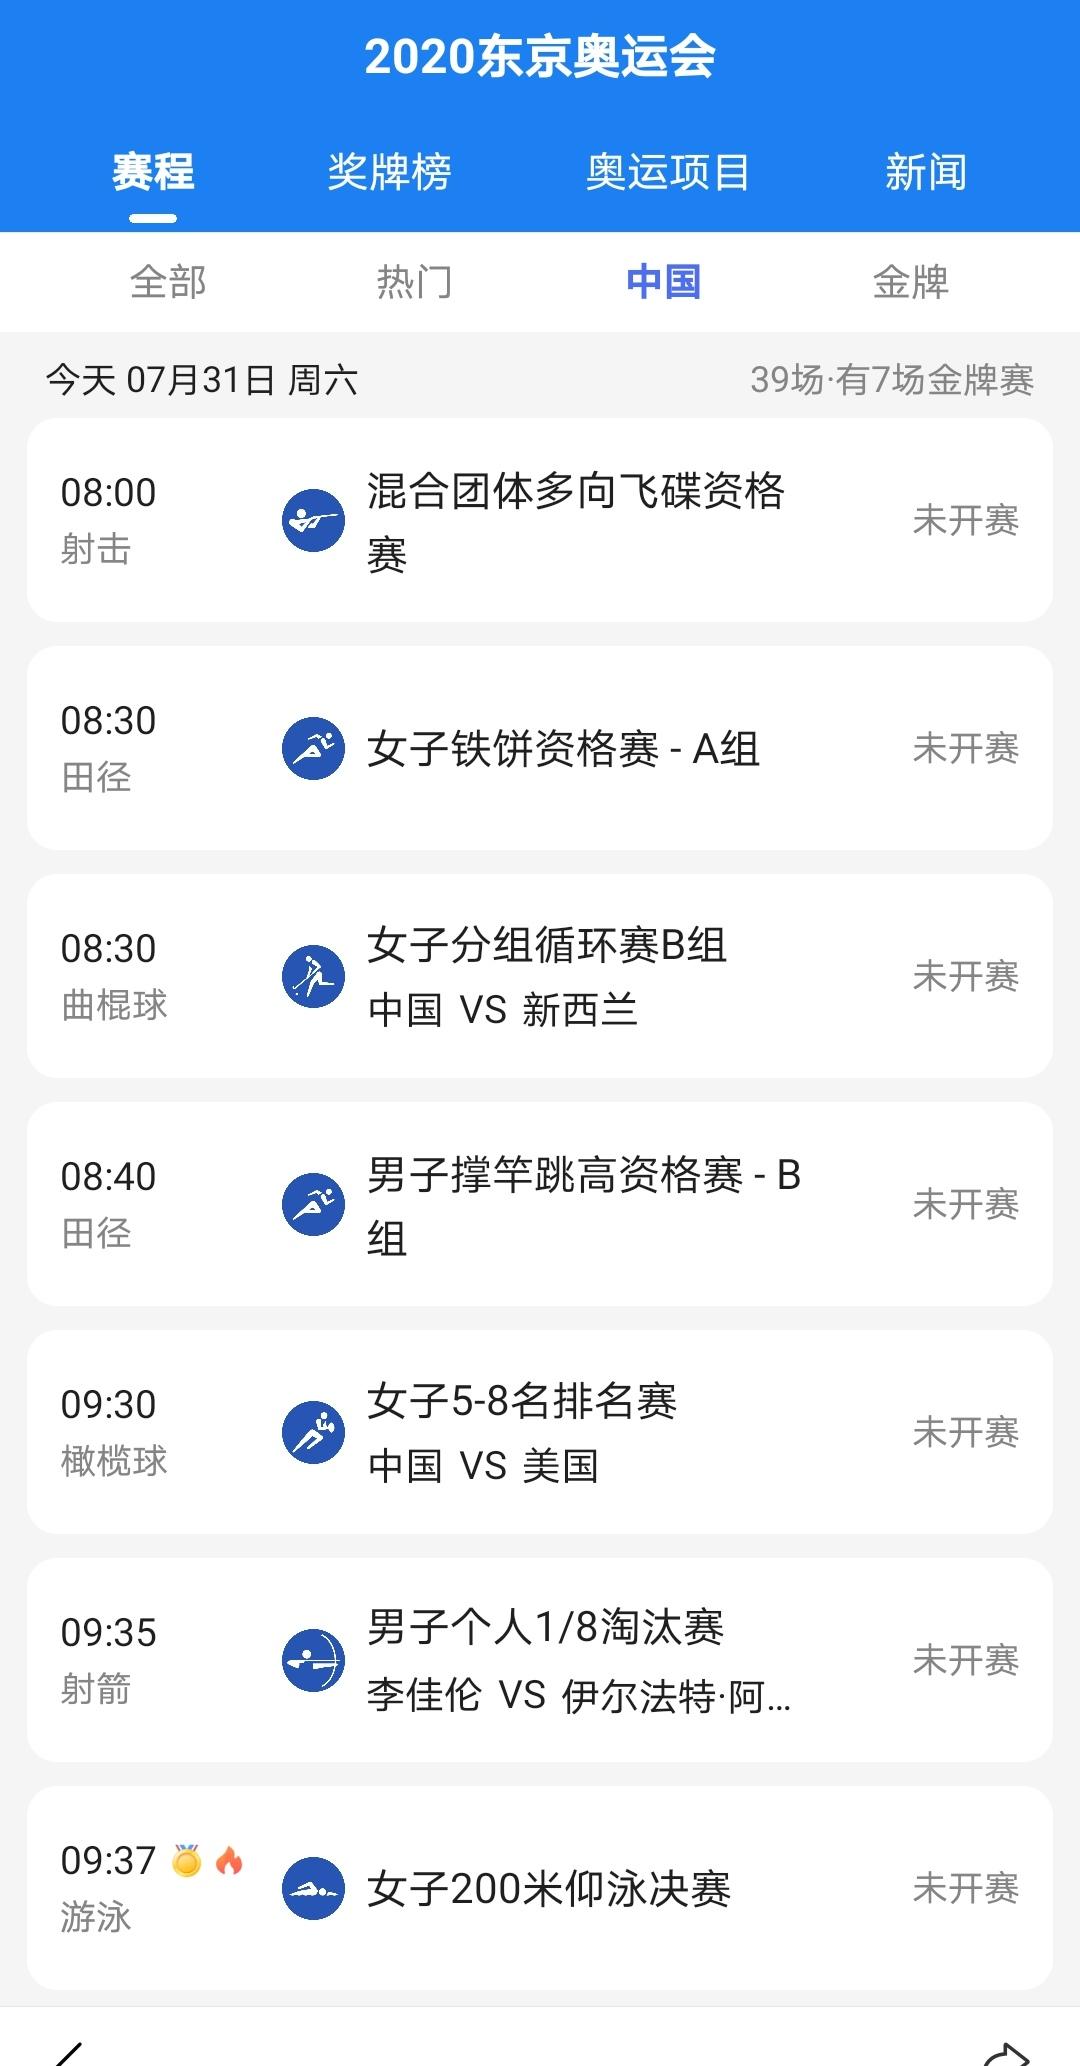 中国队奥运会赛程